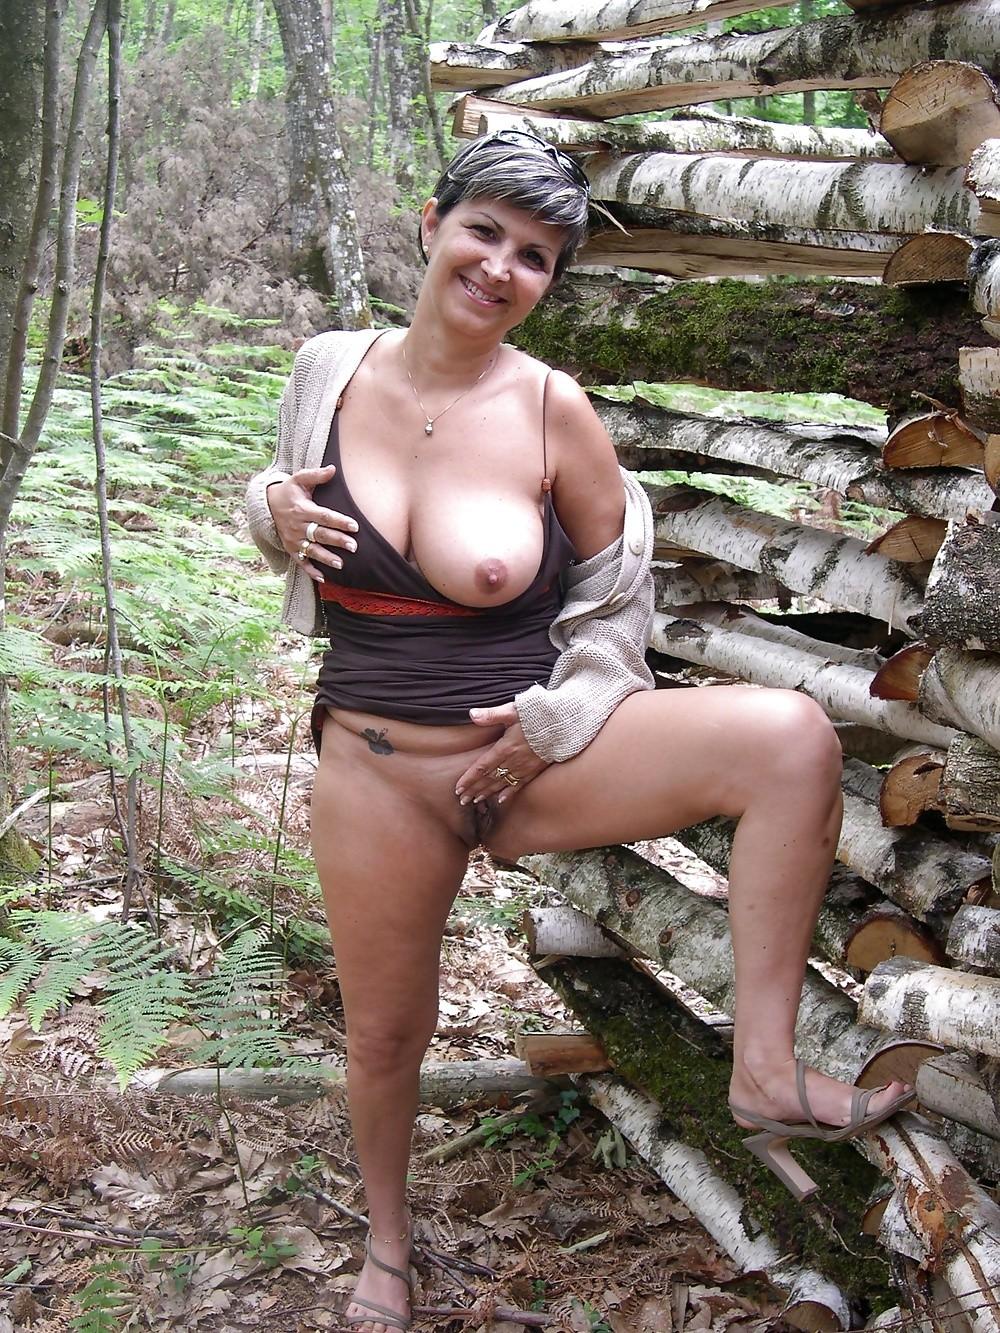 Возрастная прекрасная француженка Агнес